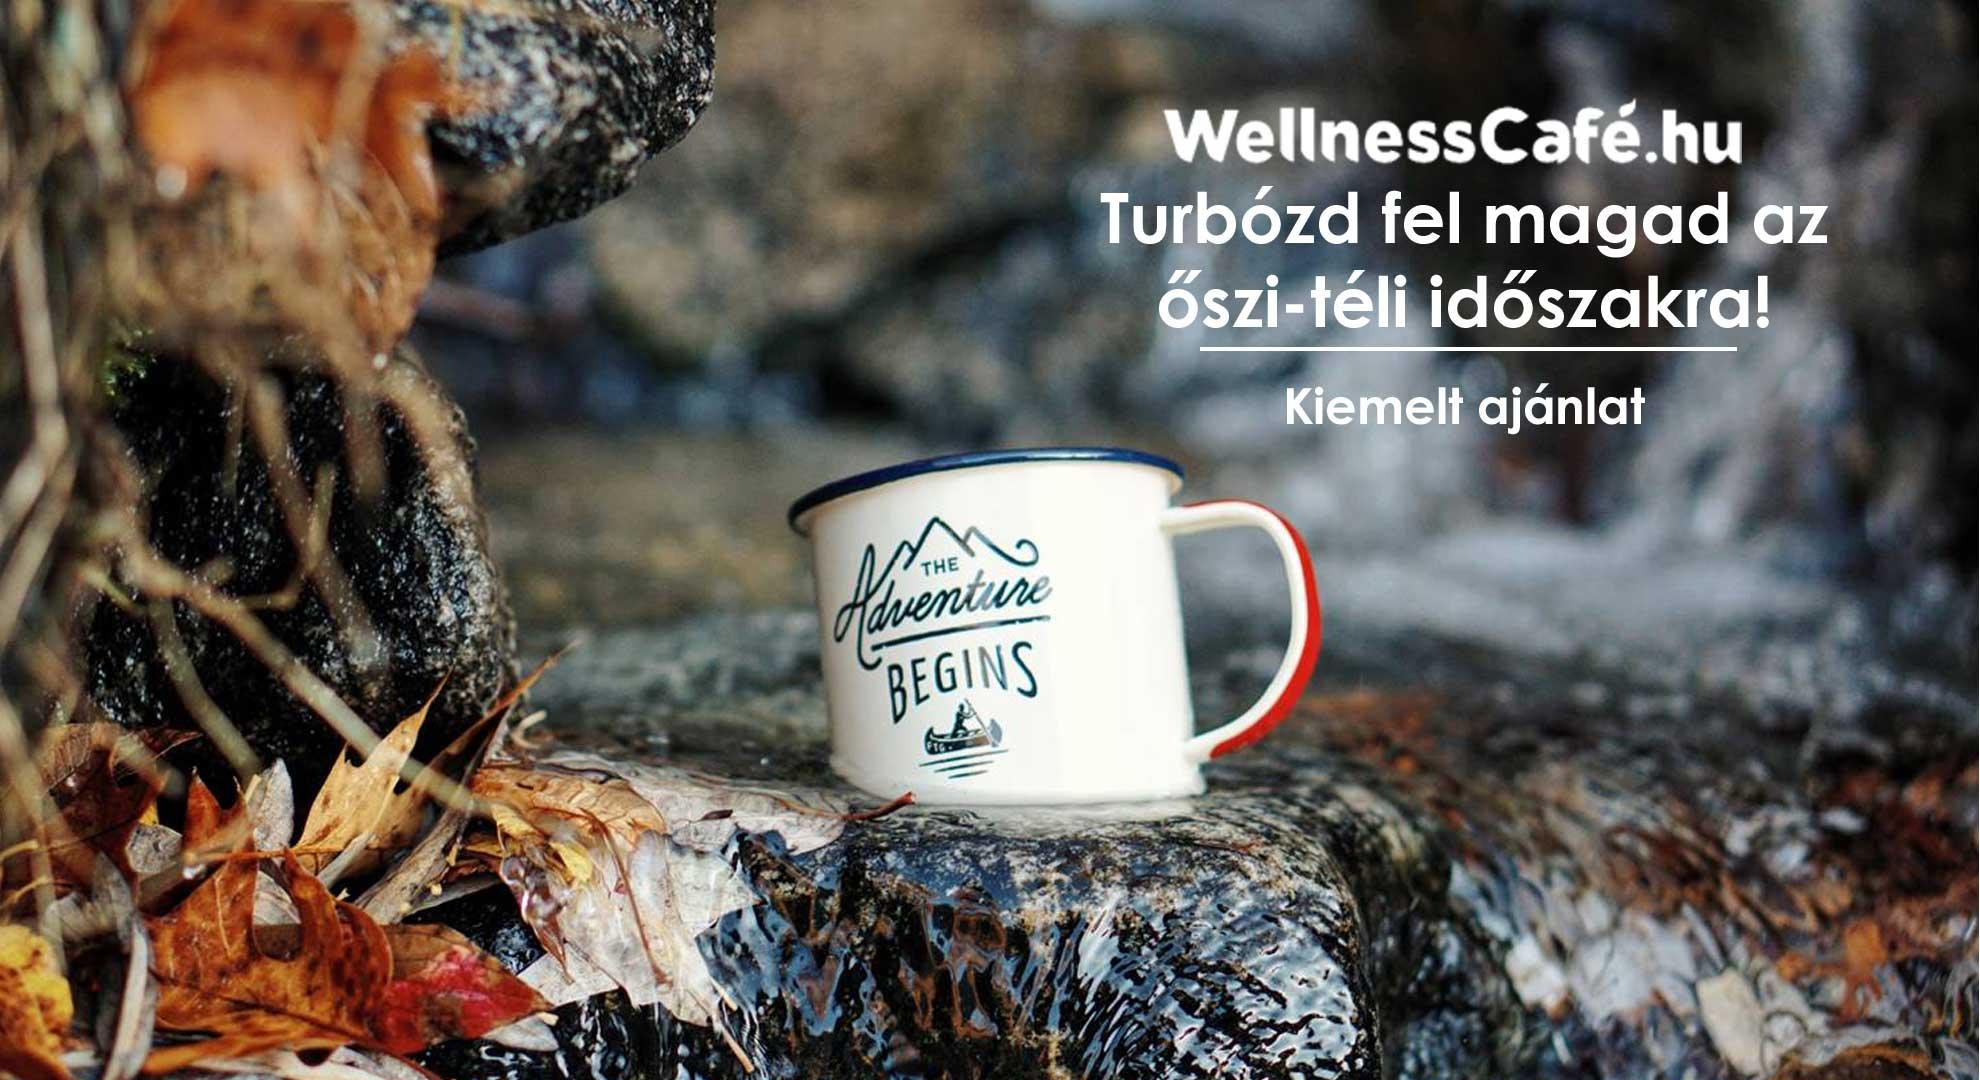 WellnessCafé – Turbózd fel magad az őszi-téli időszakra!